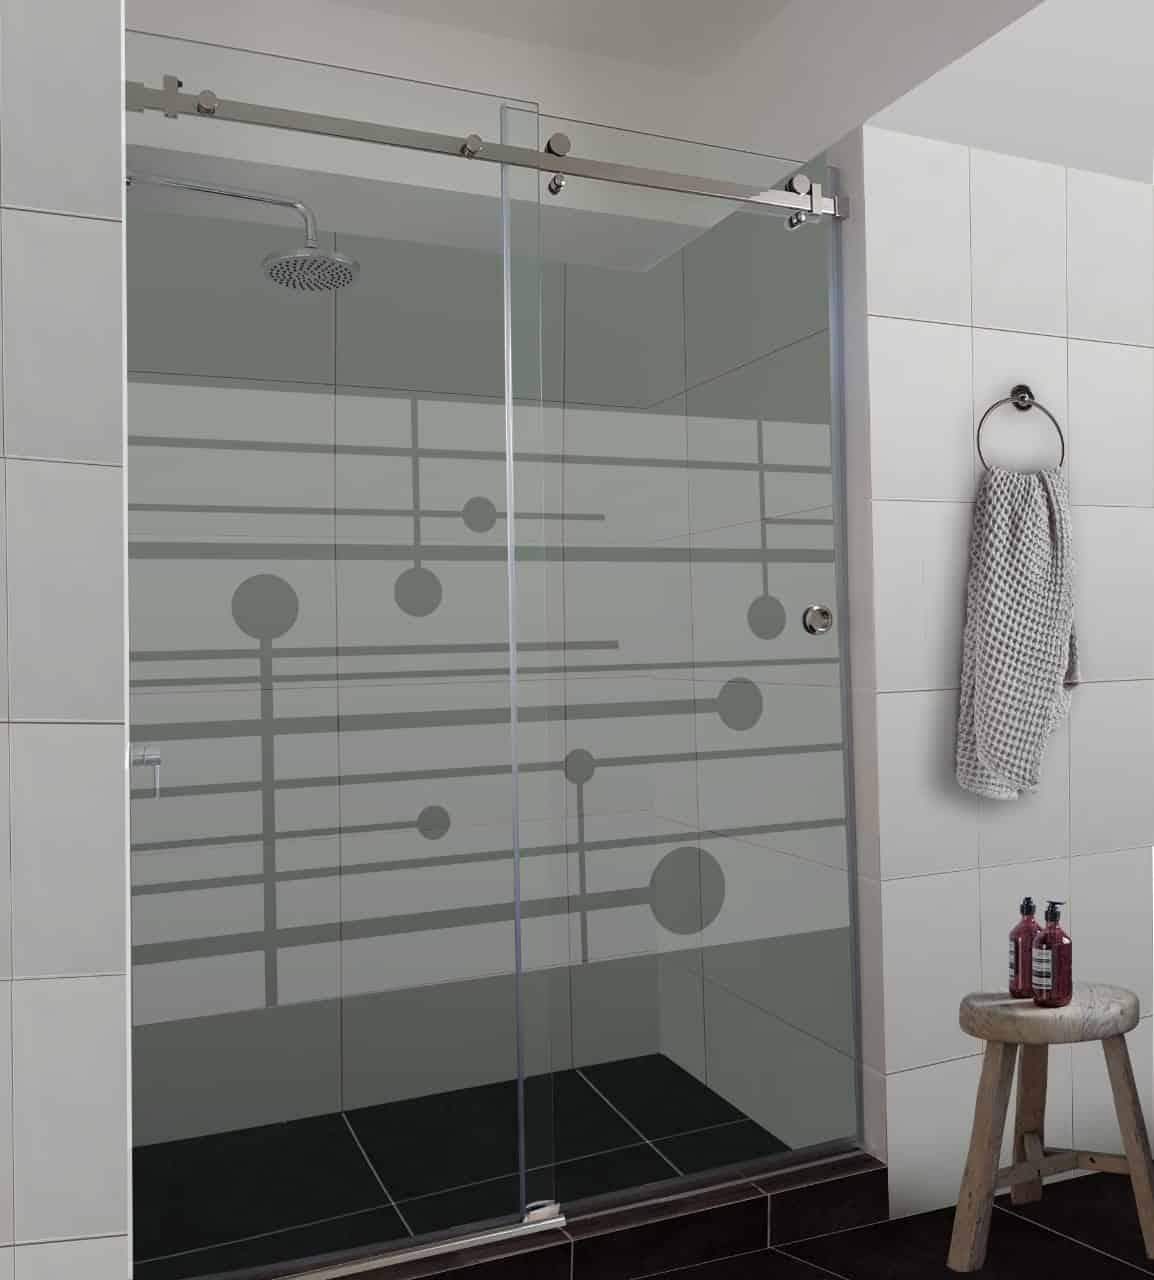 division de baño premium 14 (4)